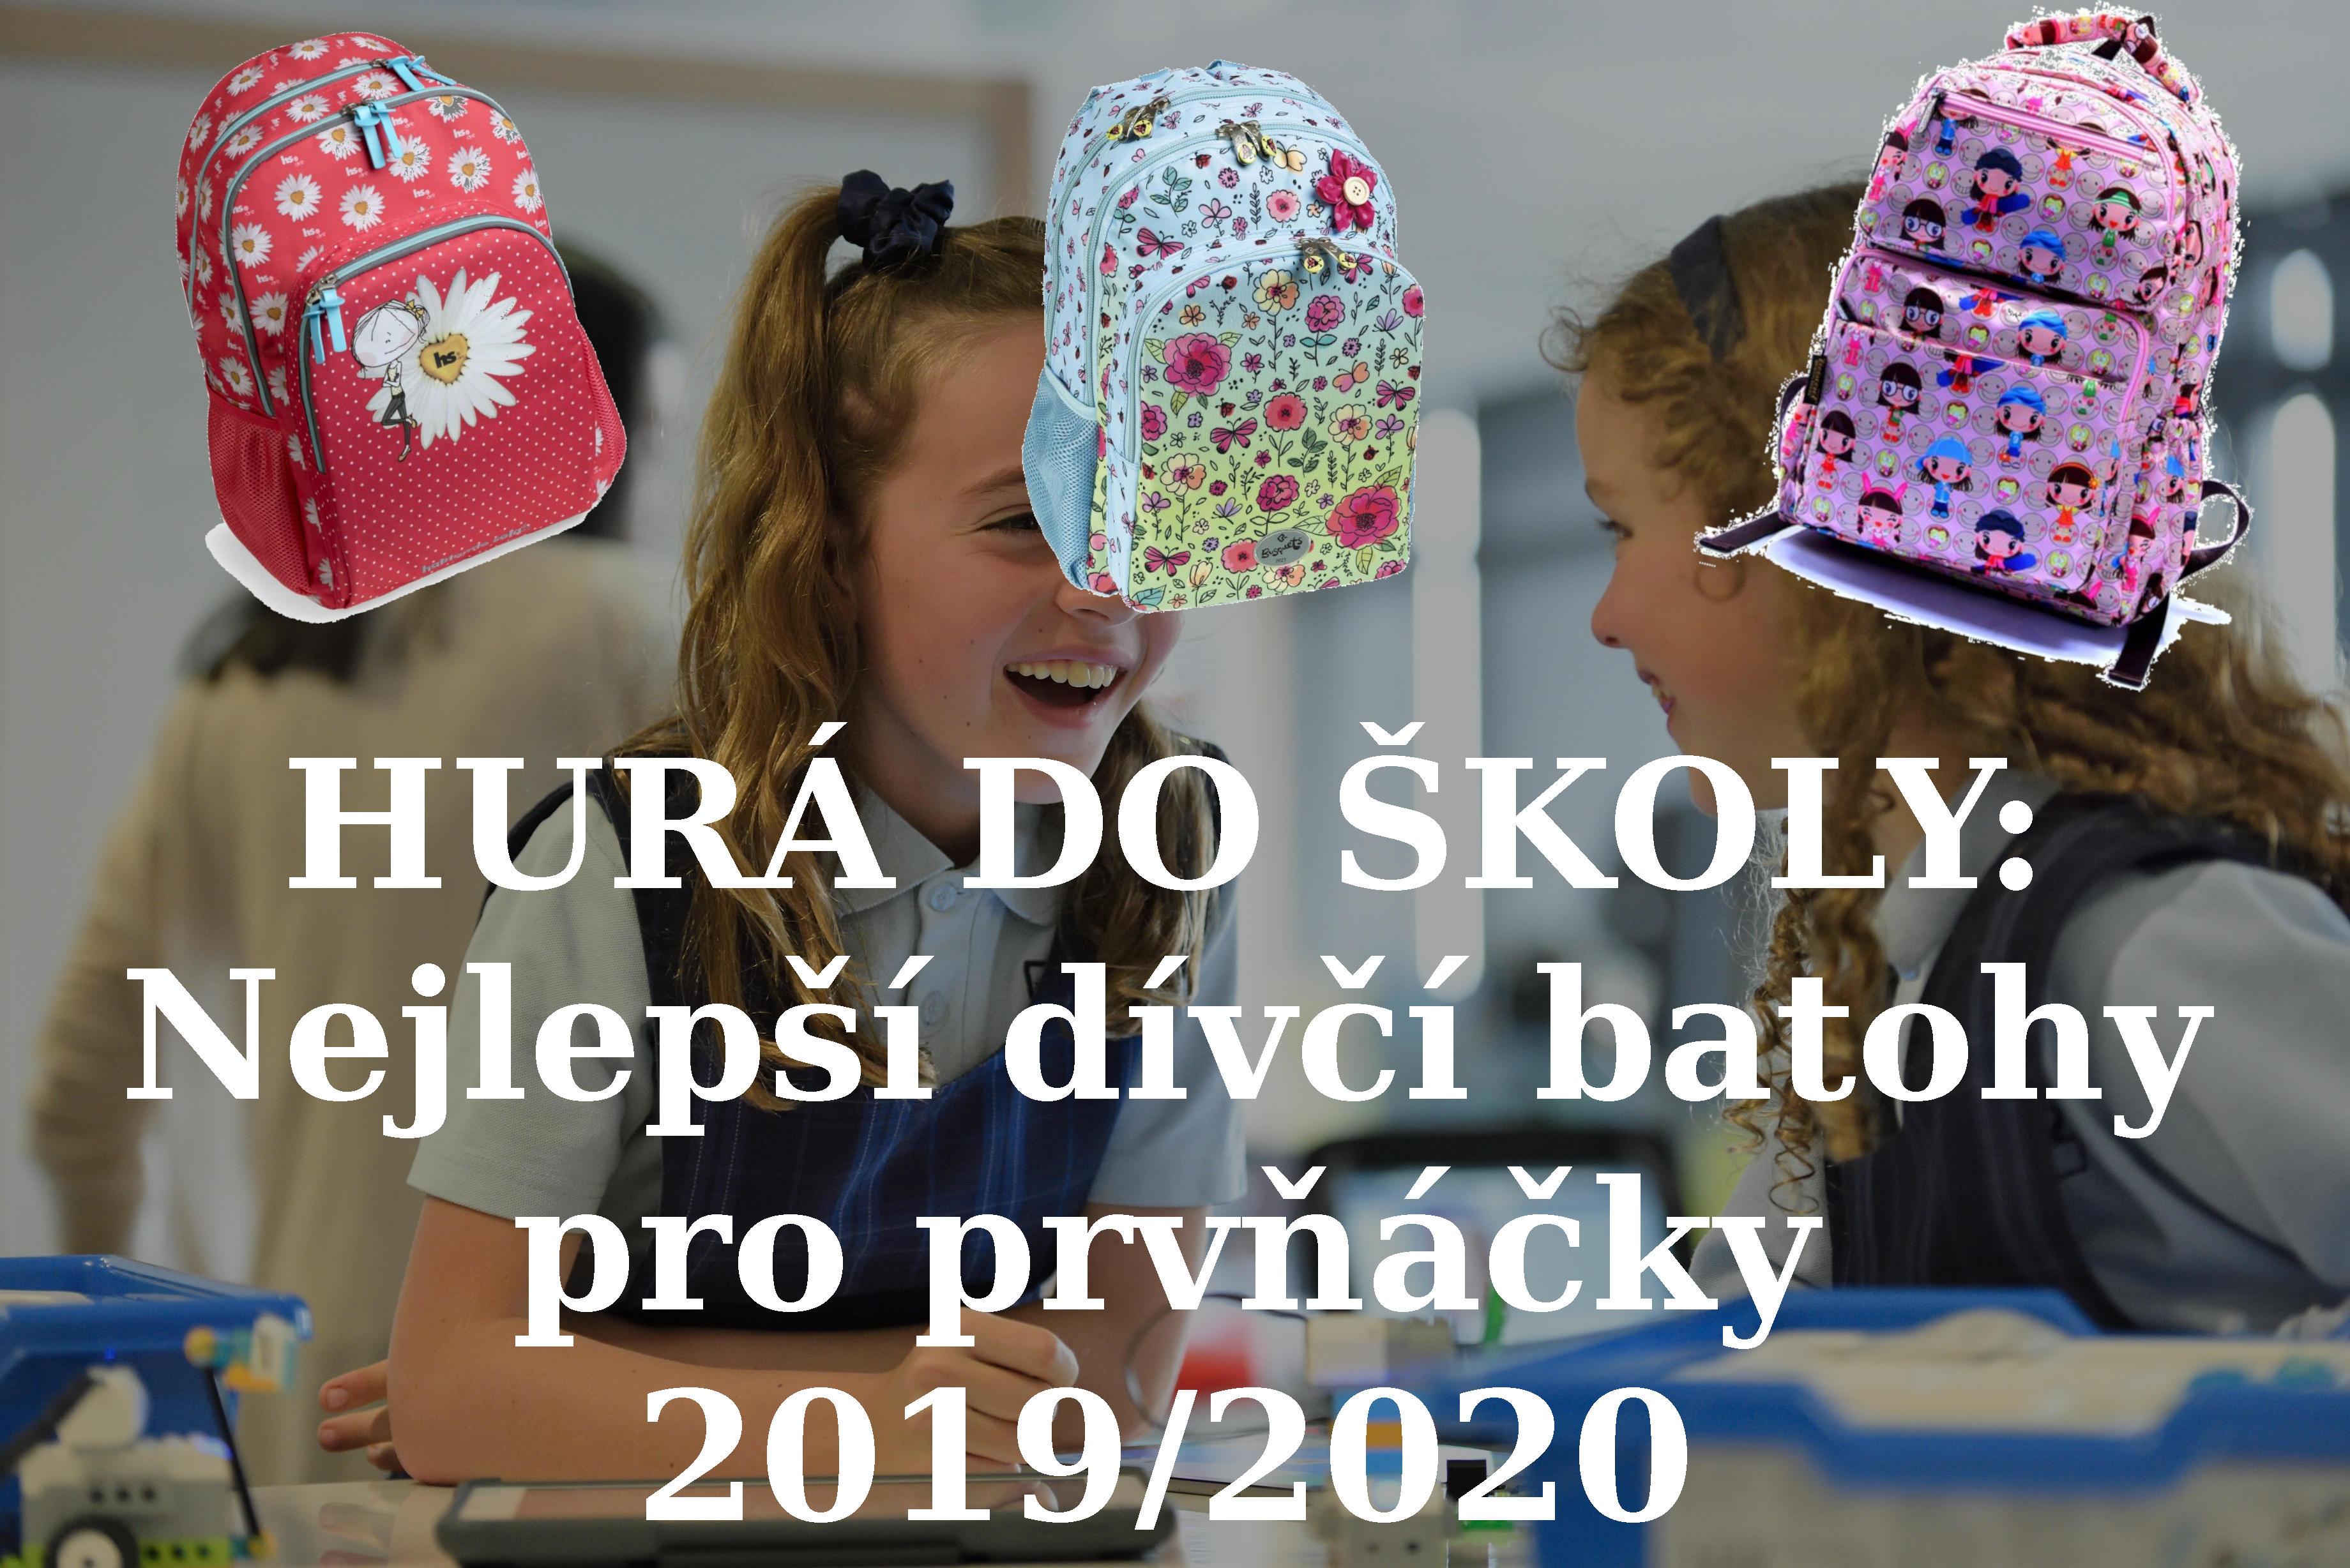 HURÁ DO ŠKOLY: Nejlepší dívčí batohy pro prvňáčky 2019